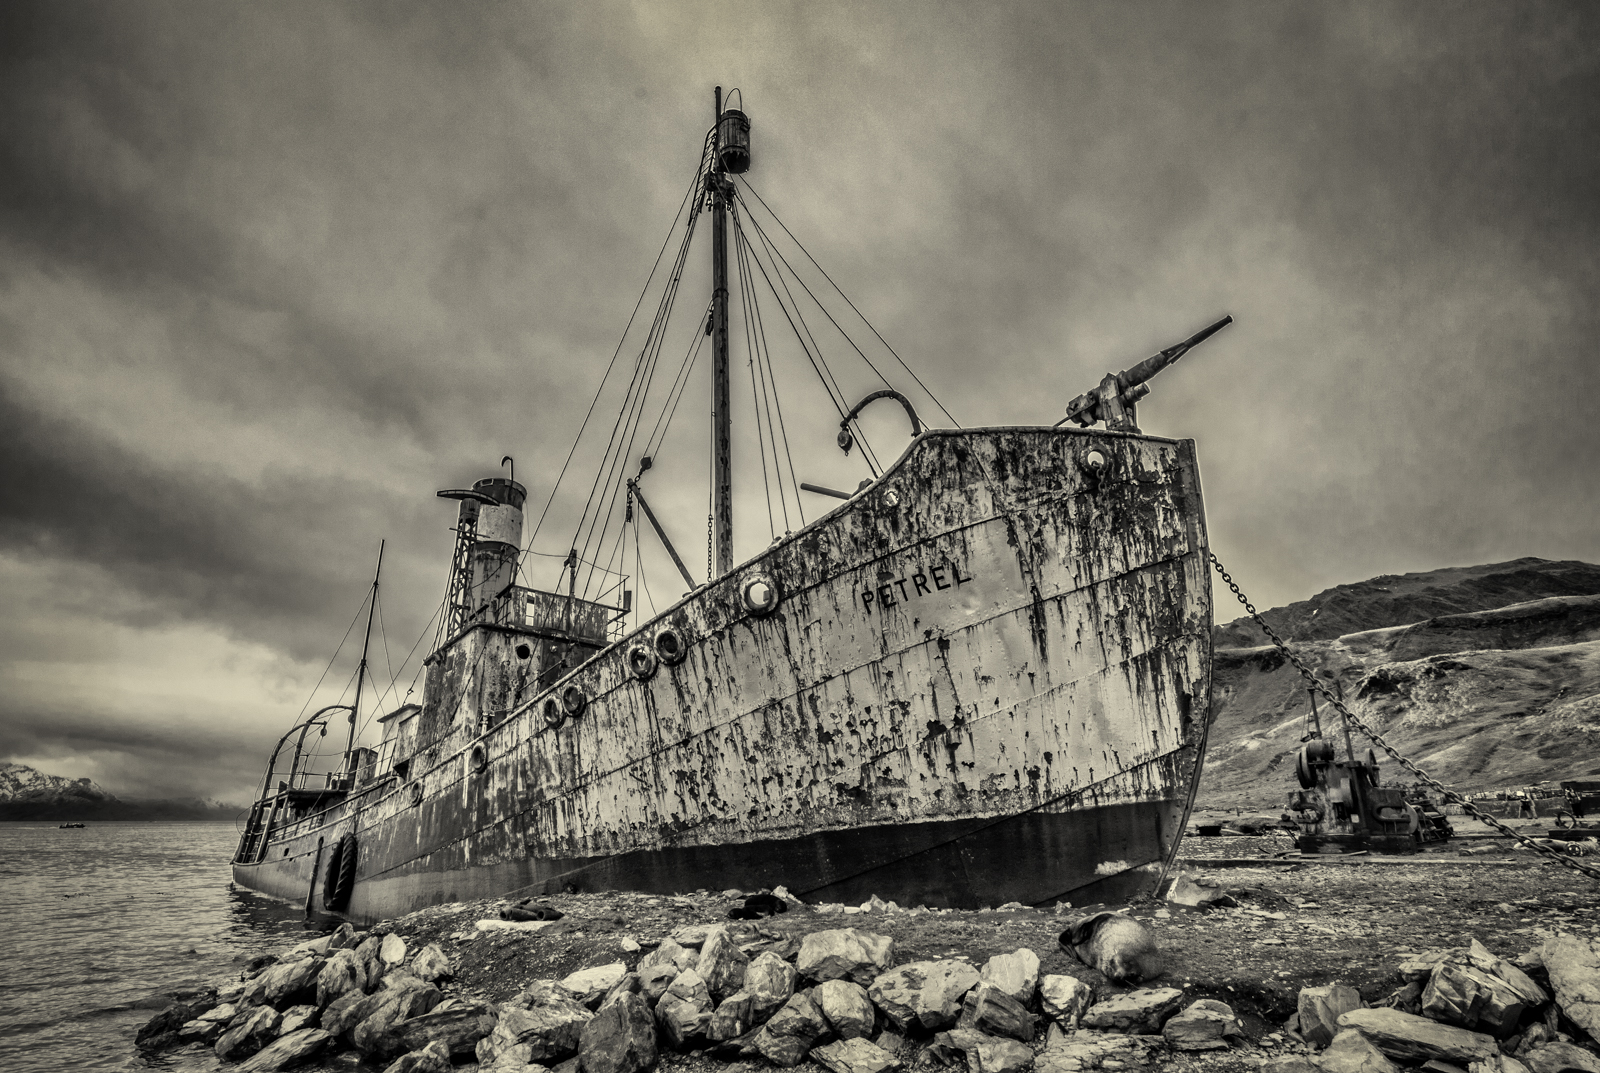 Grytviken Whaler Wreck